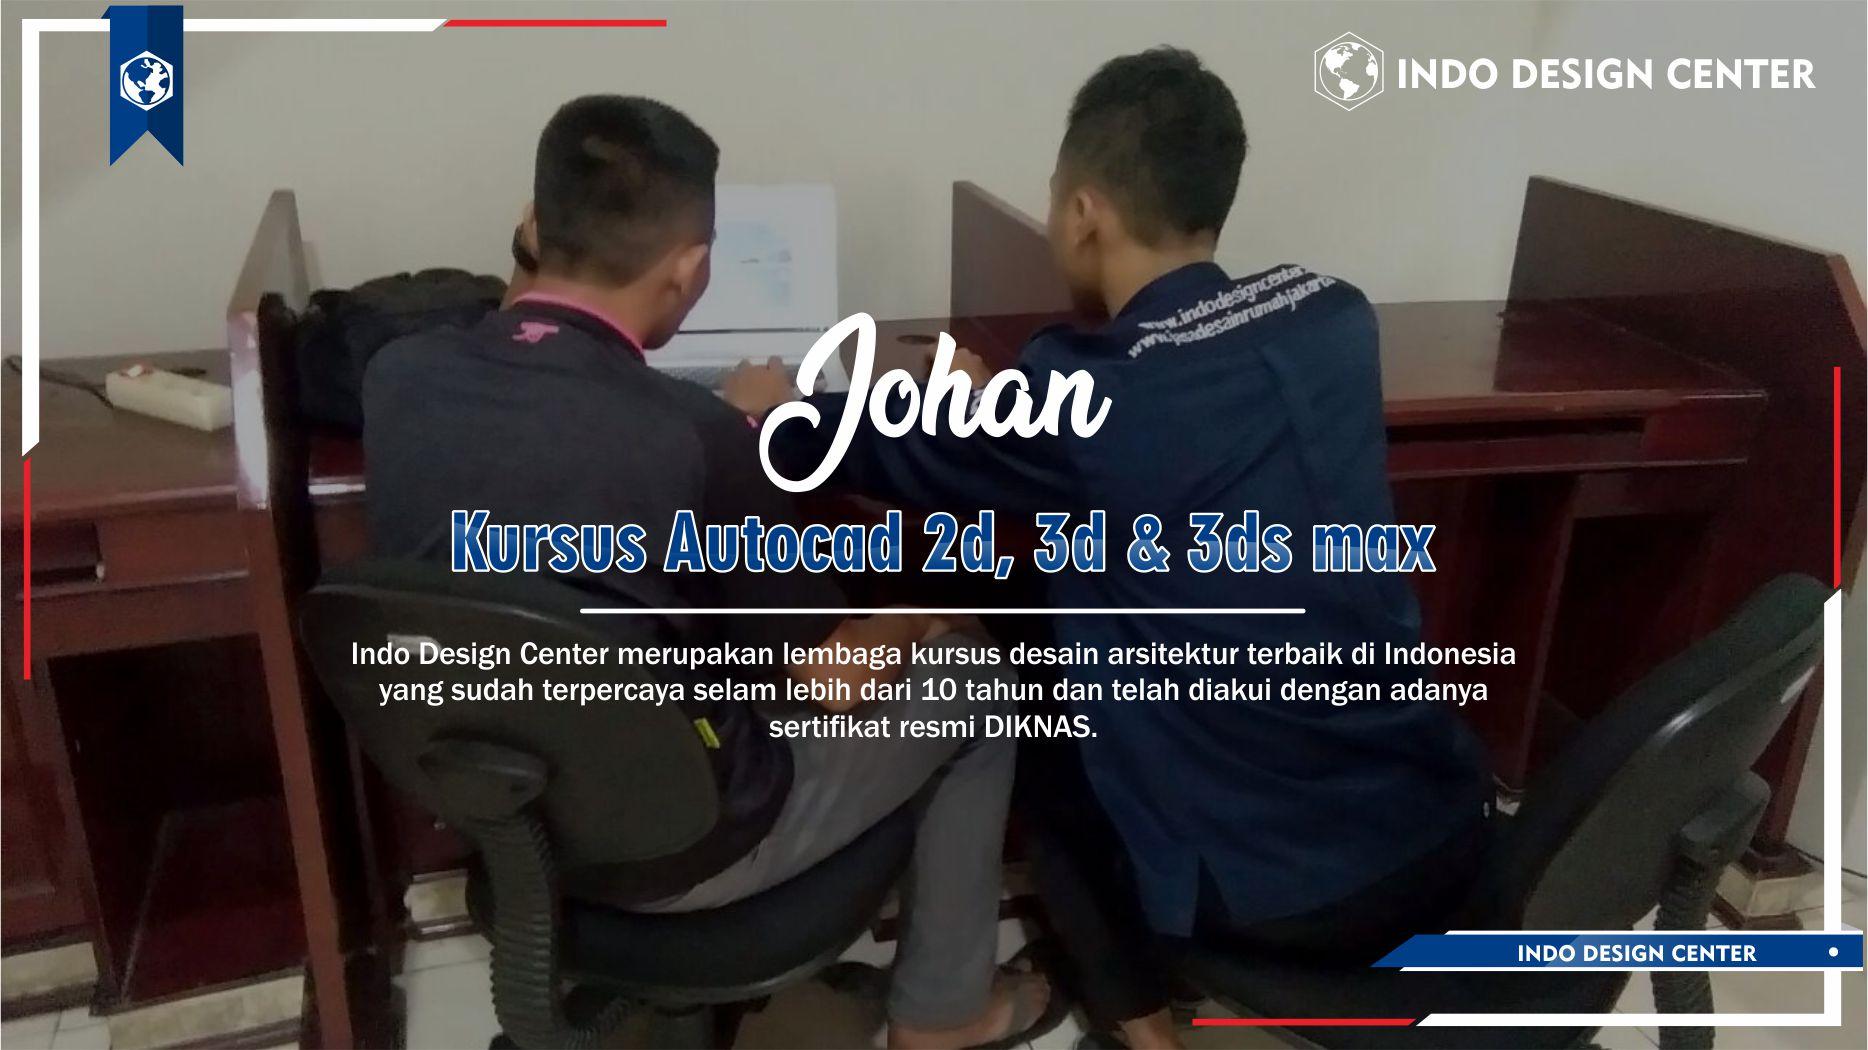 Kursus Autocad 2D, 3D & 3ds Max Pakal Surabaya Johan